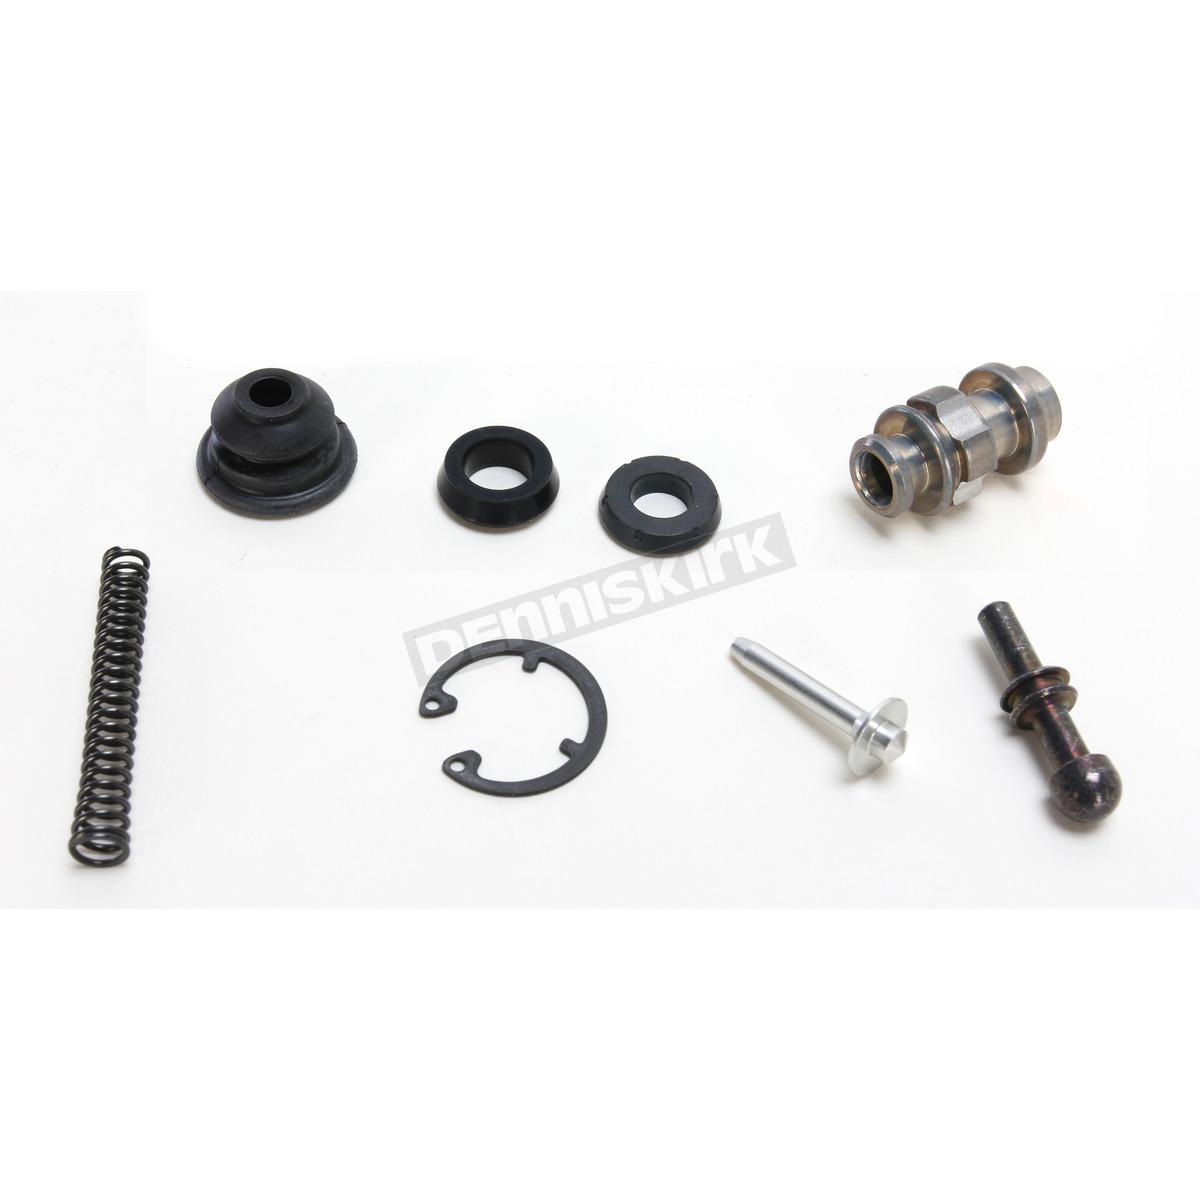 Harley Davidson Front Master Cylinder Rebuild Instructions